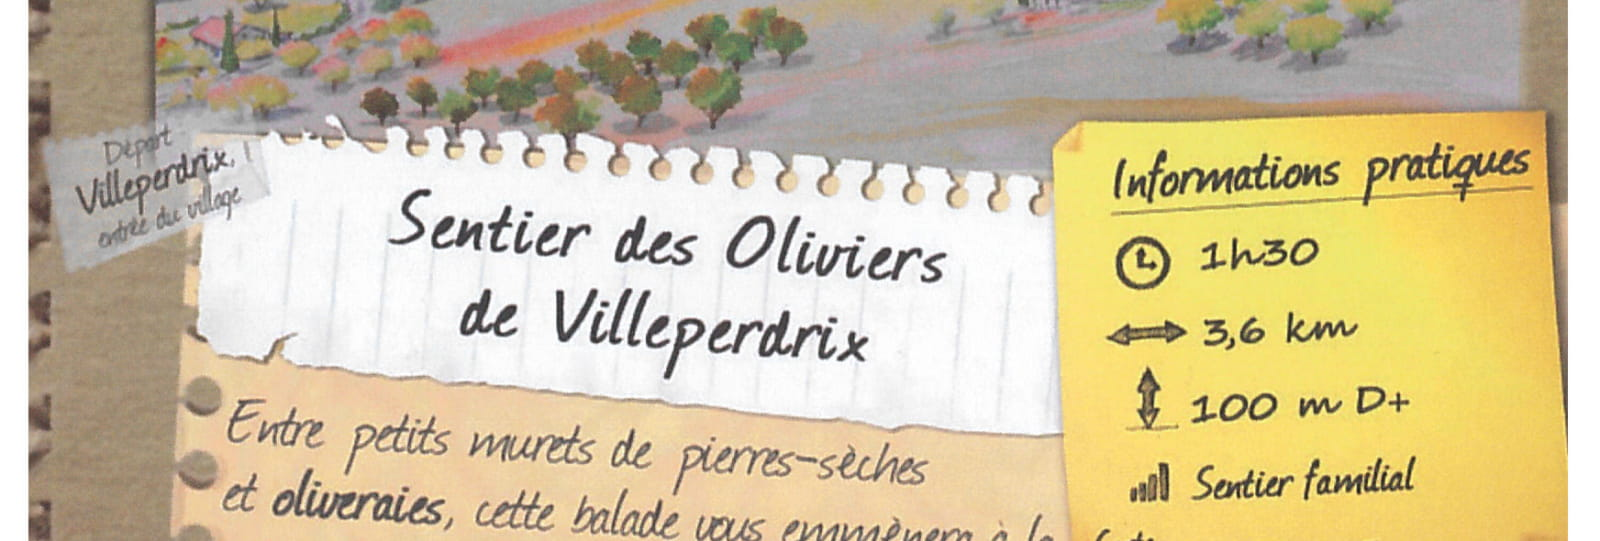 Sentier des Oliviers de Villeperdrix